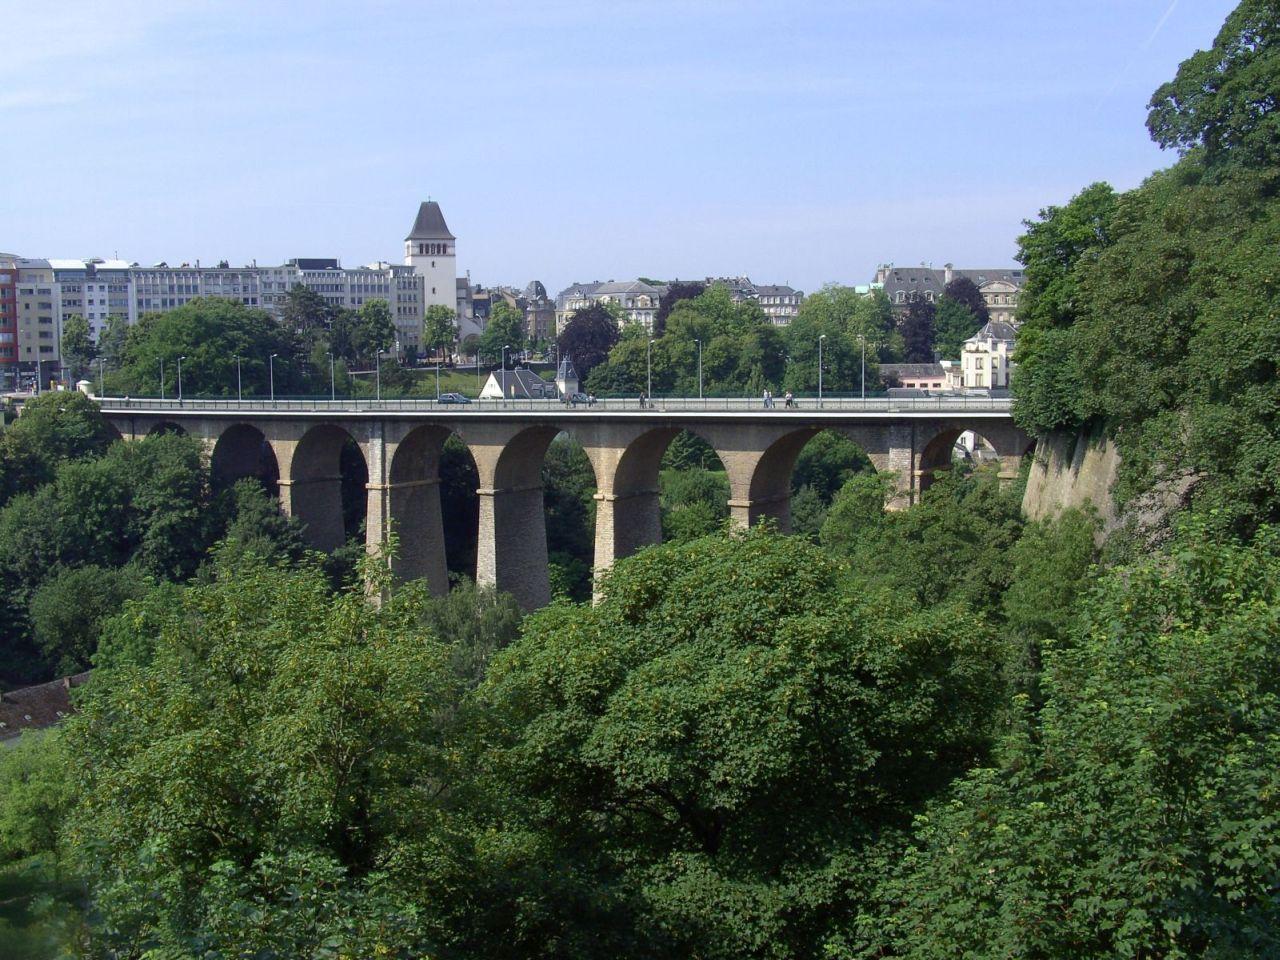 Brücken in Luxemburg